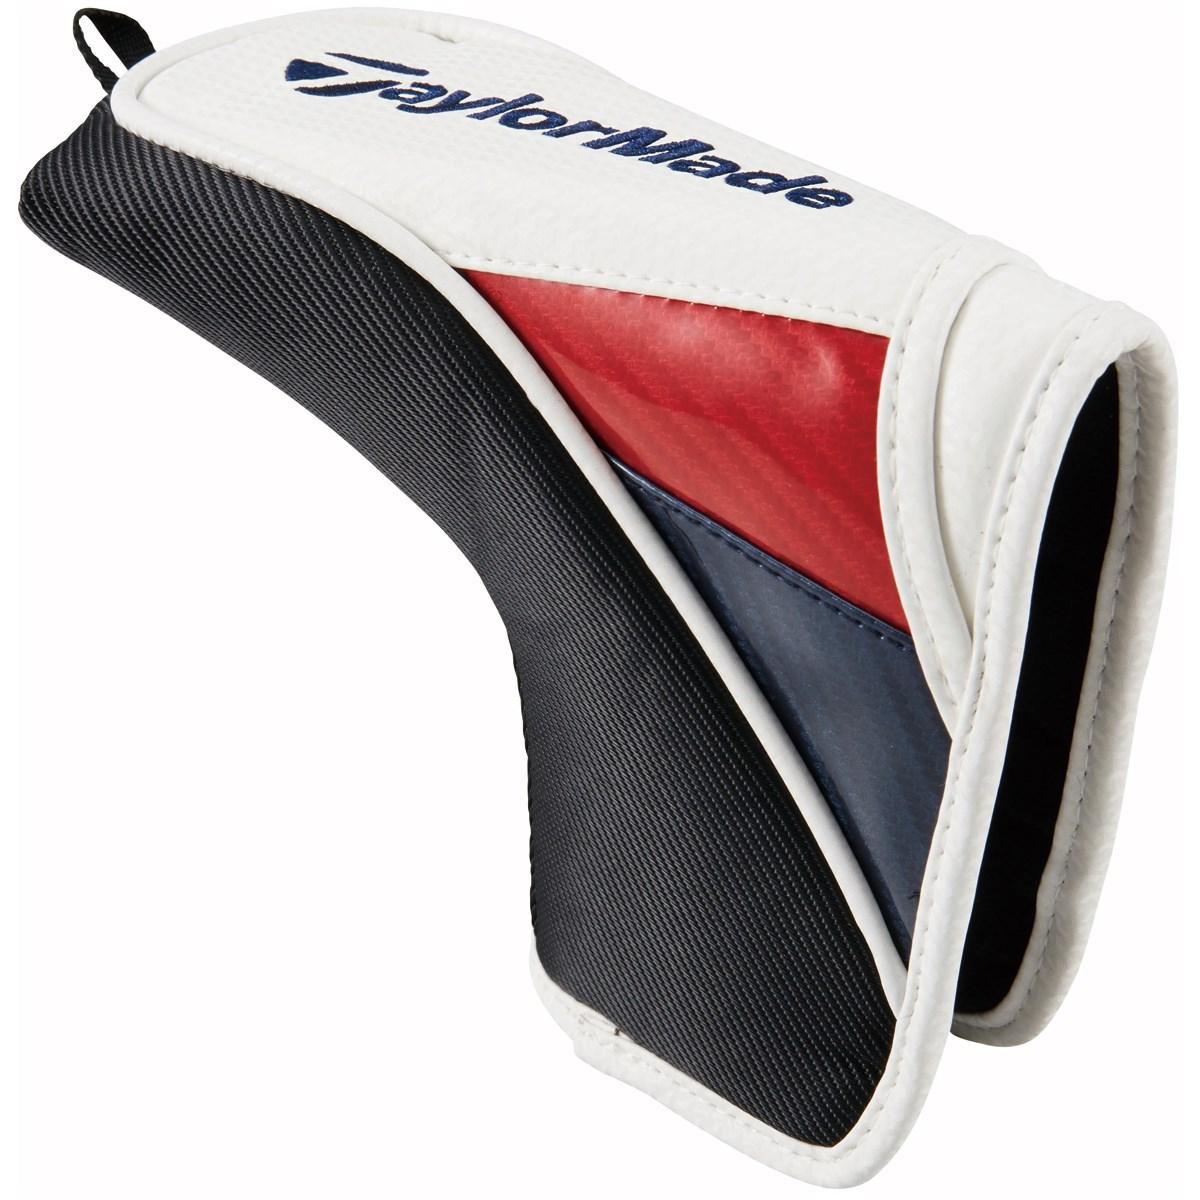 [定番モデル] テーラーメイド taylormade G-7 パターカバー ホワイト メンズ ゴルフ